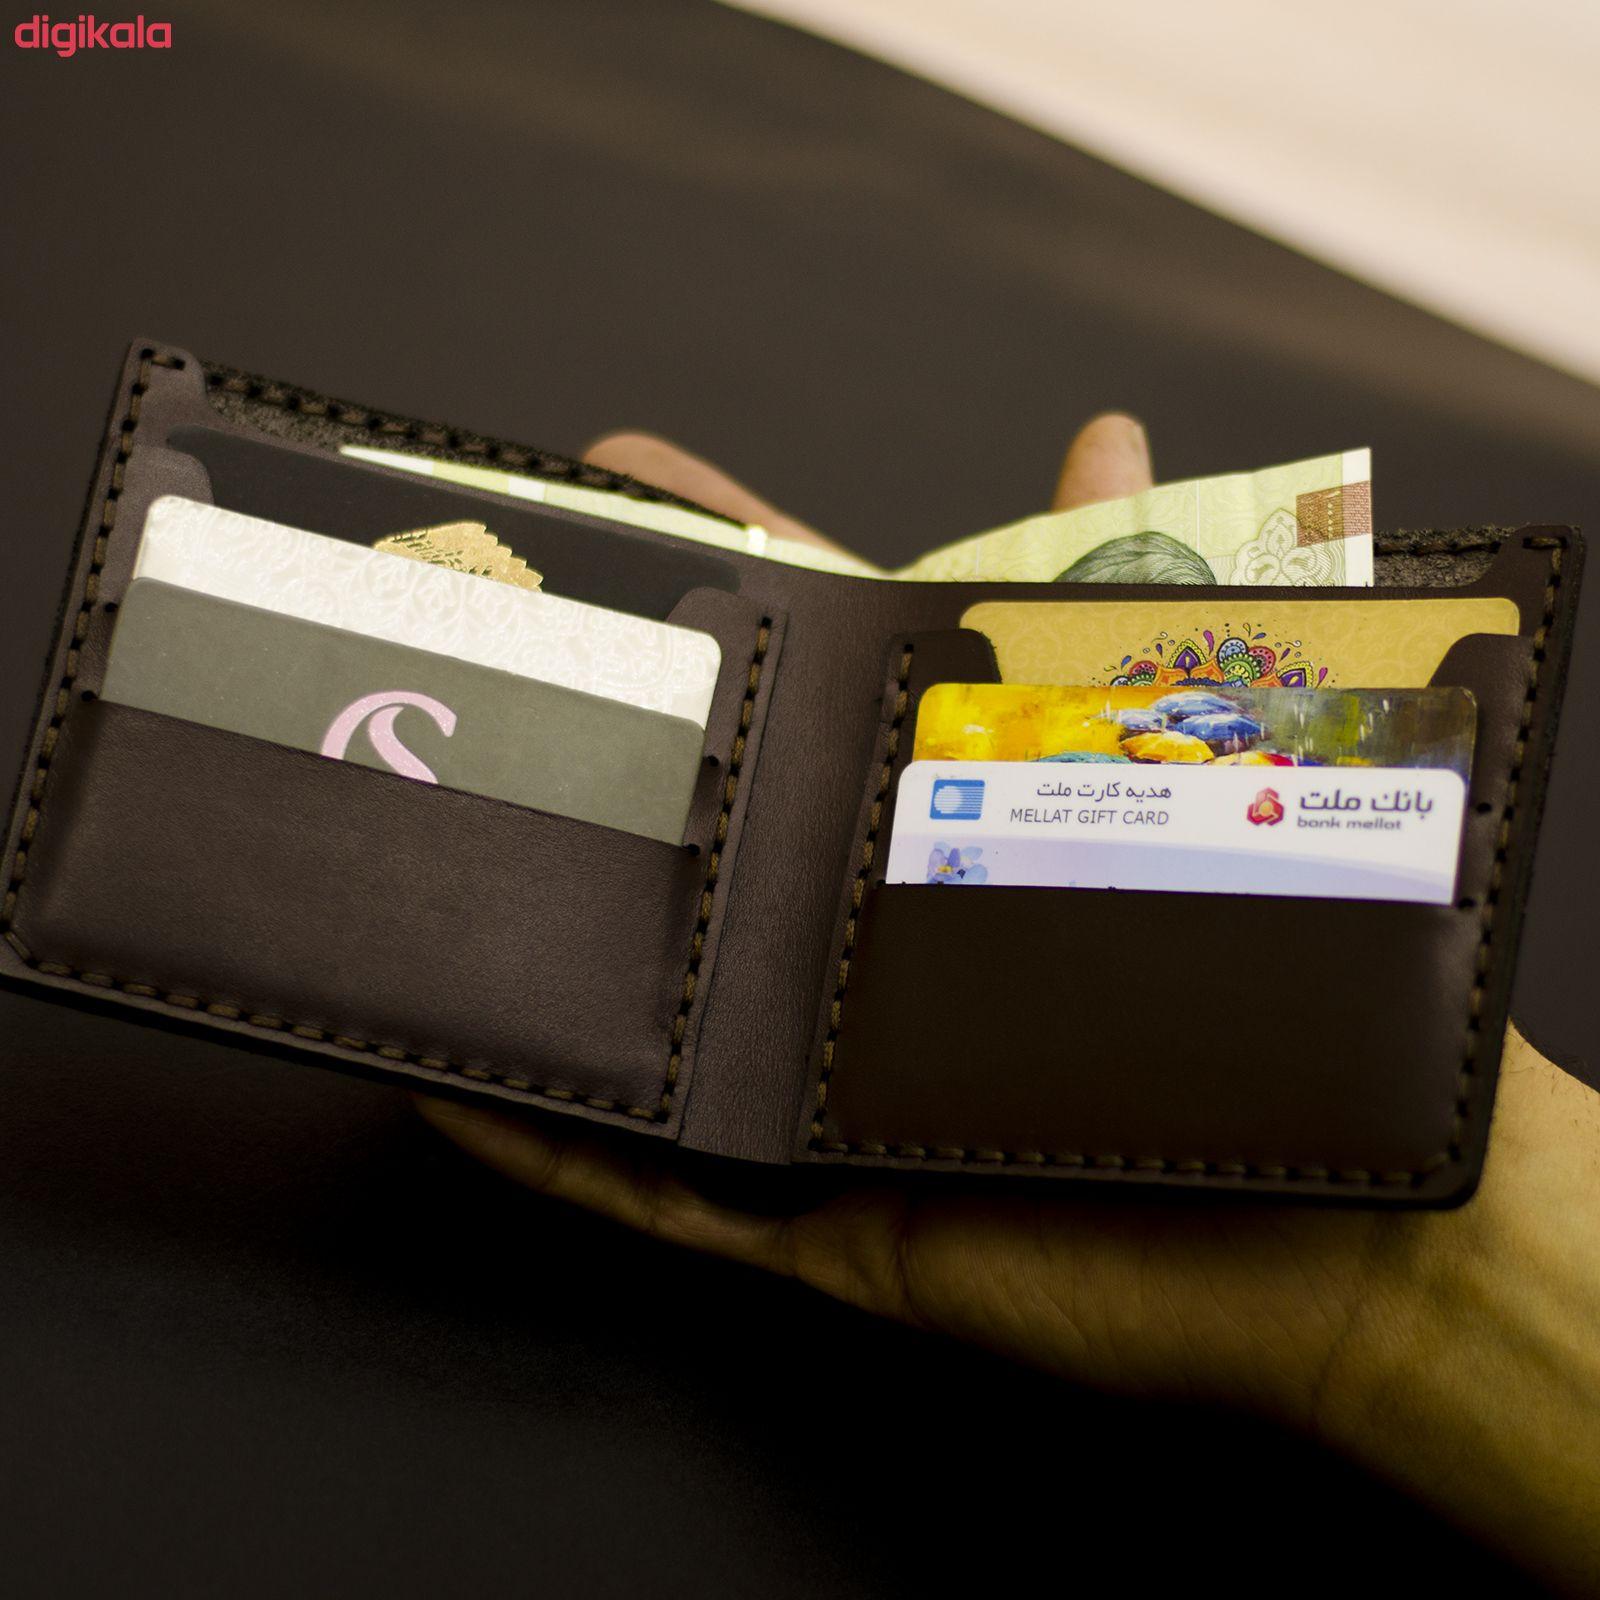 کیف پول مردانه چرمینه اسپرت طرح منچستریونایتد کد 7007 main 1 3